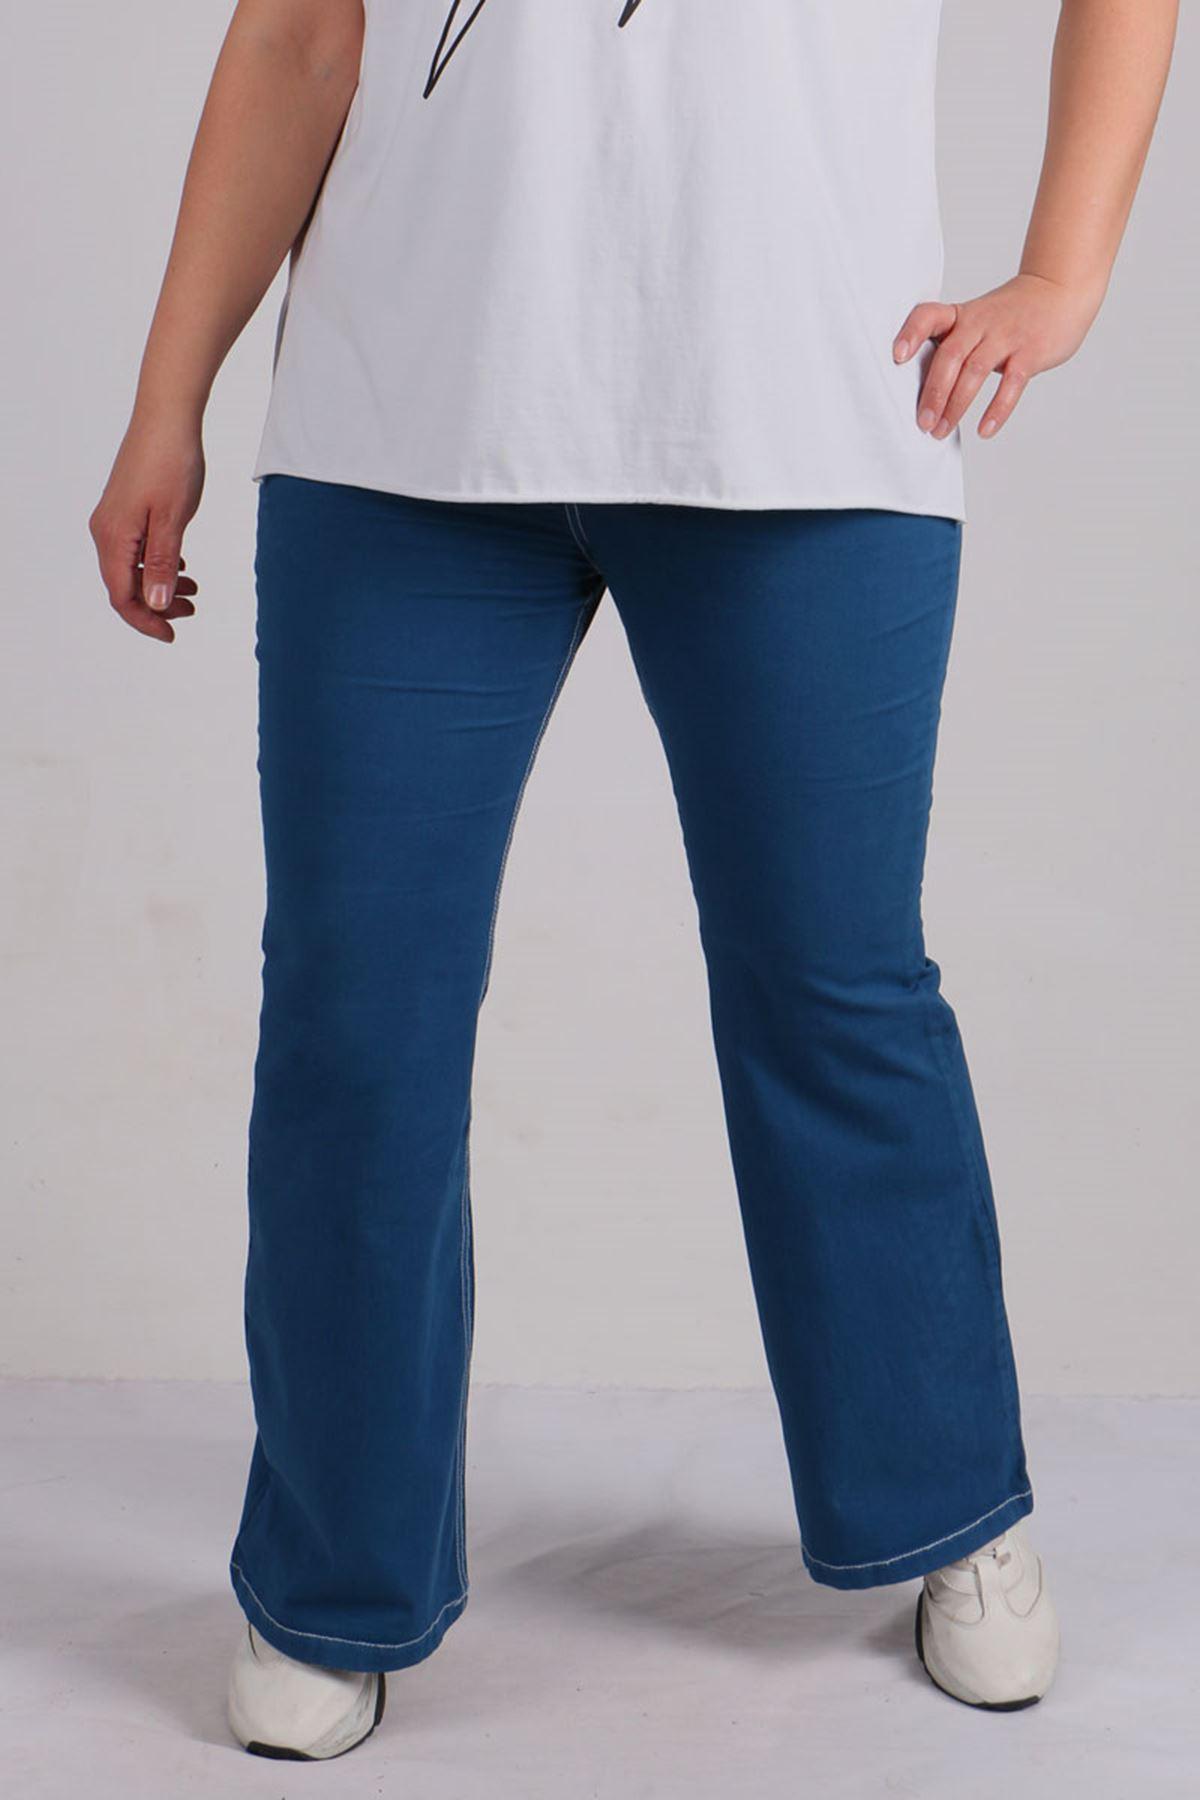 9143 Plus Size Elastic Waist Flared Pants- Indigo